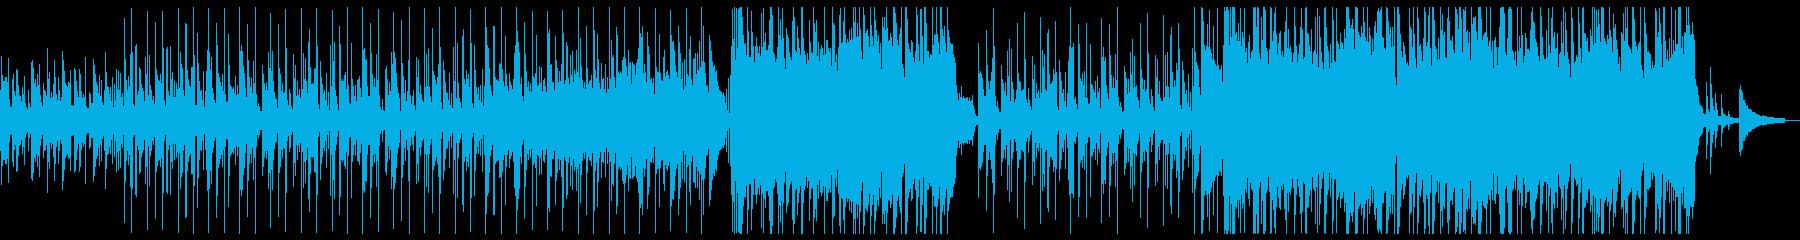 【生演奏】アコギ、ピアノが綺麗なBGMの再生済みの波形